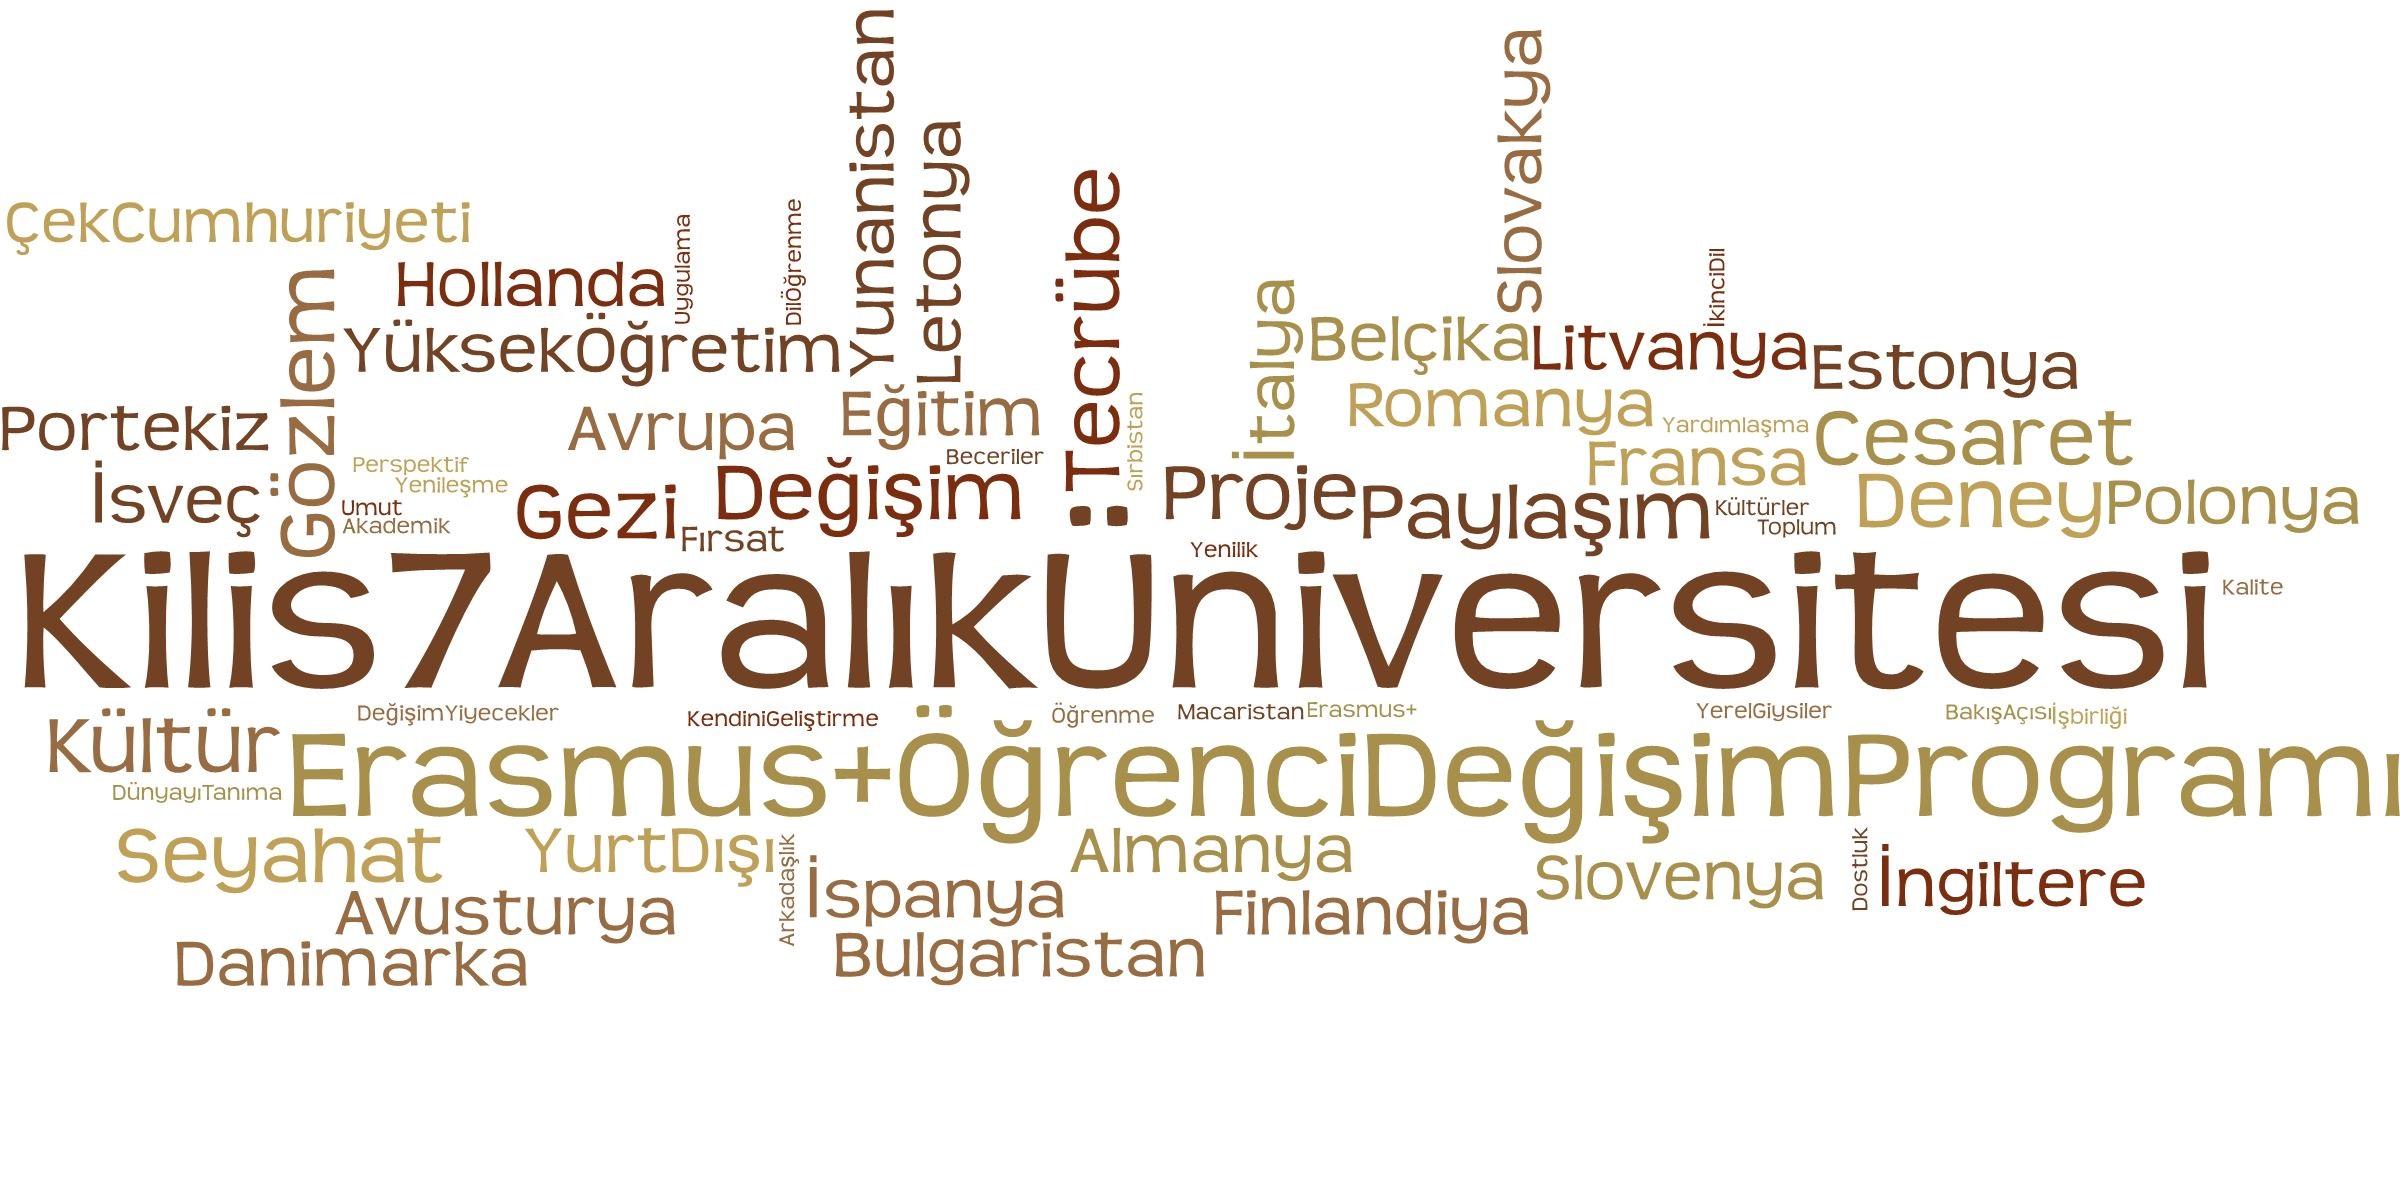 Erasmus+ K7AU